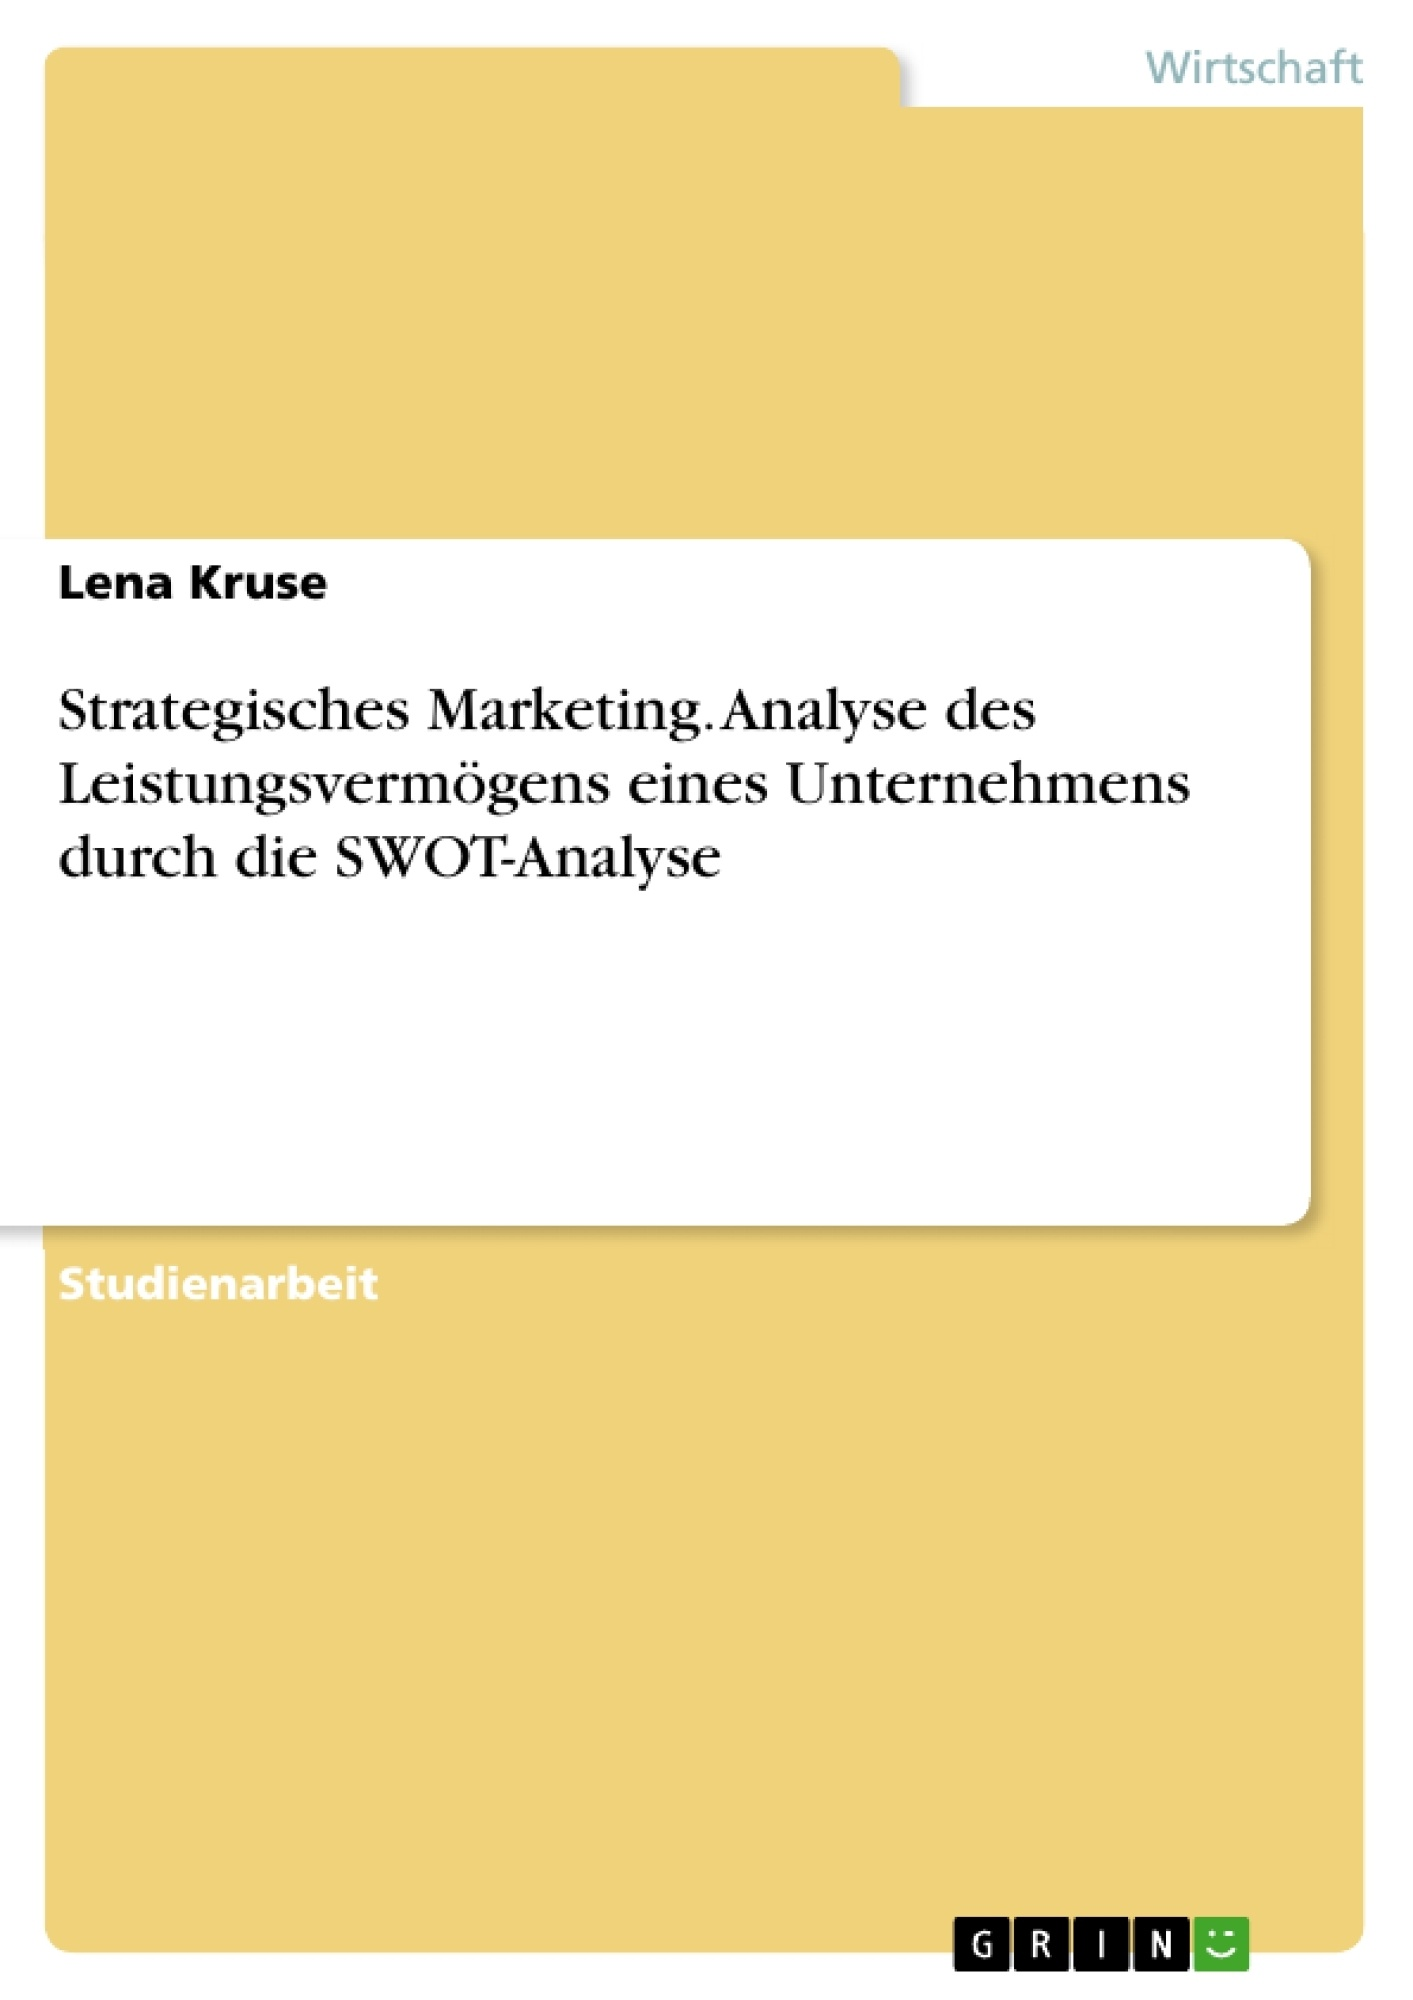 Titel: Strategisches Marketing. Analyse des Leistungsvermögens eines Unternehmens durch die SWOT-Analyse